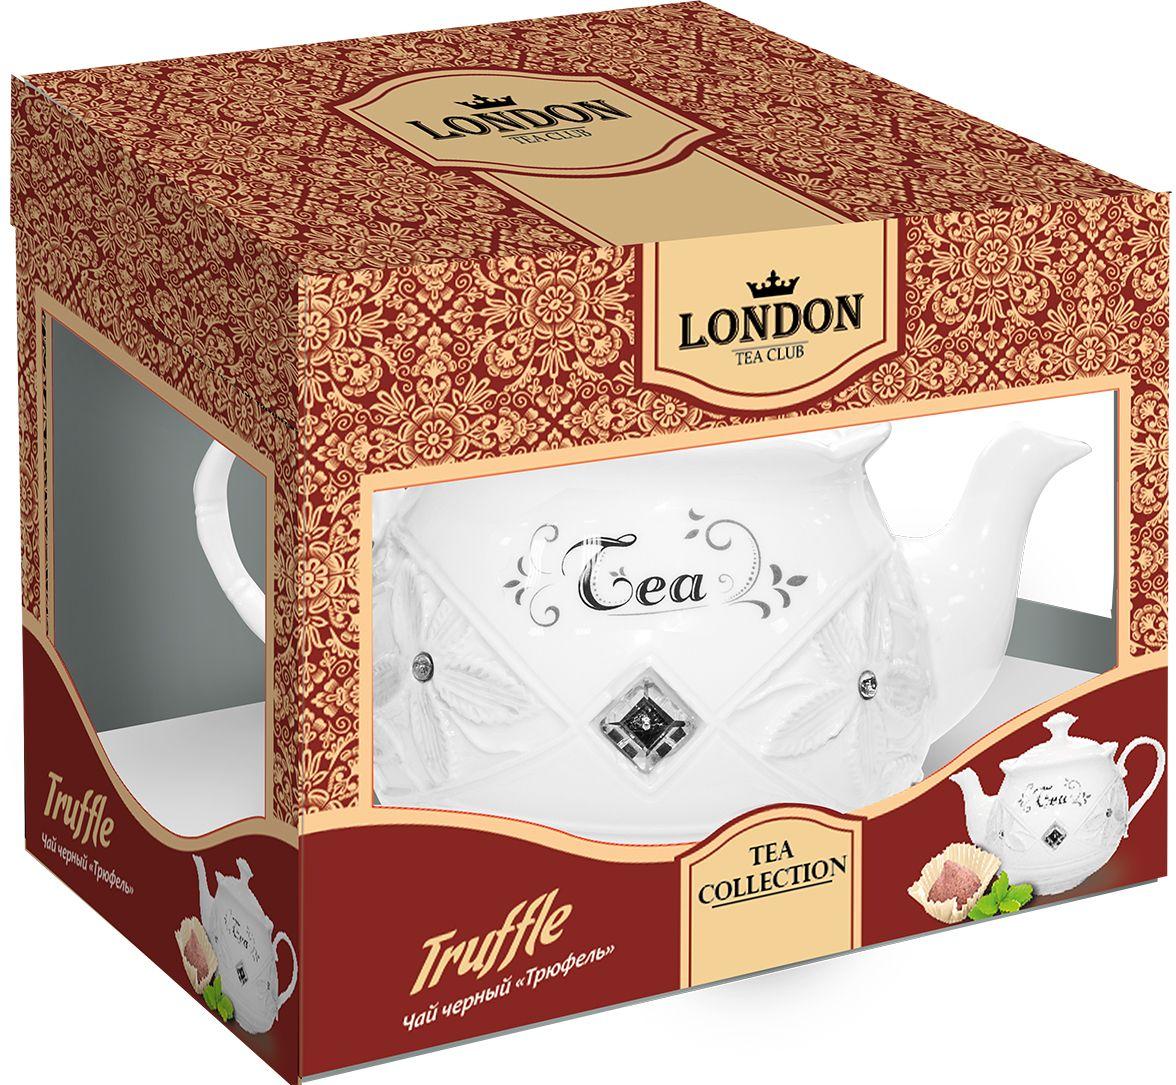 London Tea Club Трюфель чай черный в заварнике, 100 г4607051542471Чай Трюфель с бархатным вкусом черного чая с нежным ароматом какао и шоколадно-сливочной помадки. Яркое сочетание чая с лепестками сафлора подарит вам и вашим близким гармонию и солнечное настроение на весь день.